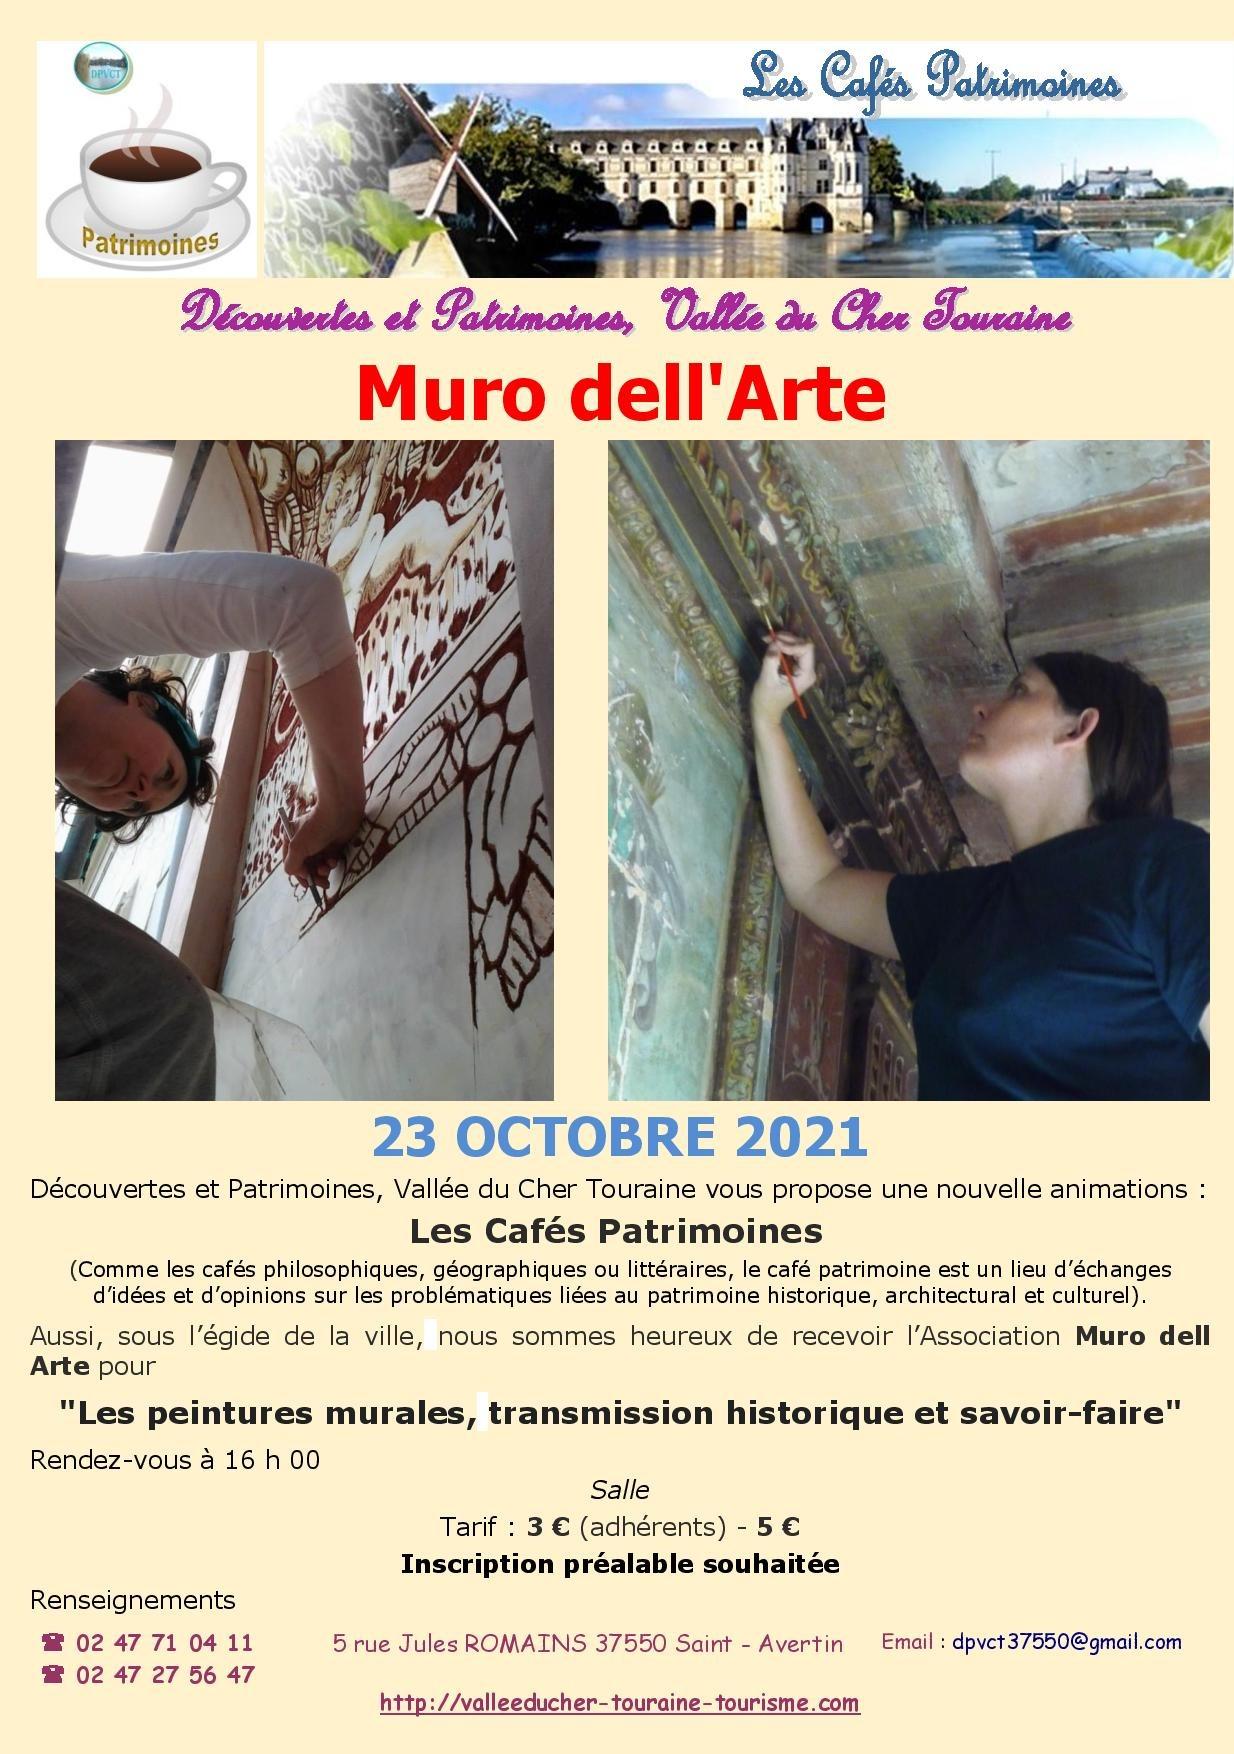 Les Cafés Patrimoines : Muro Dell Arte … # Saint Avertin @ Salle du Patrimoine, Domaine de Cangé | Saint-Avertin | Centre-Val de Loire | France